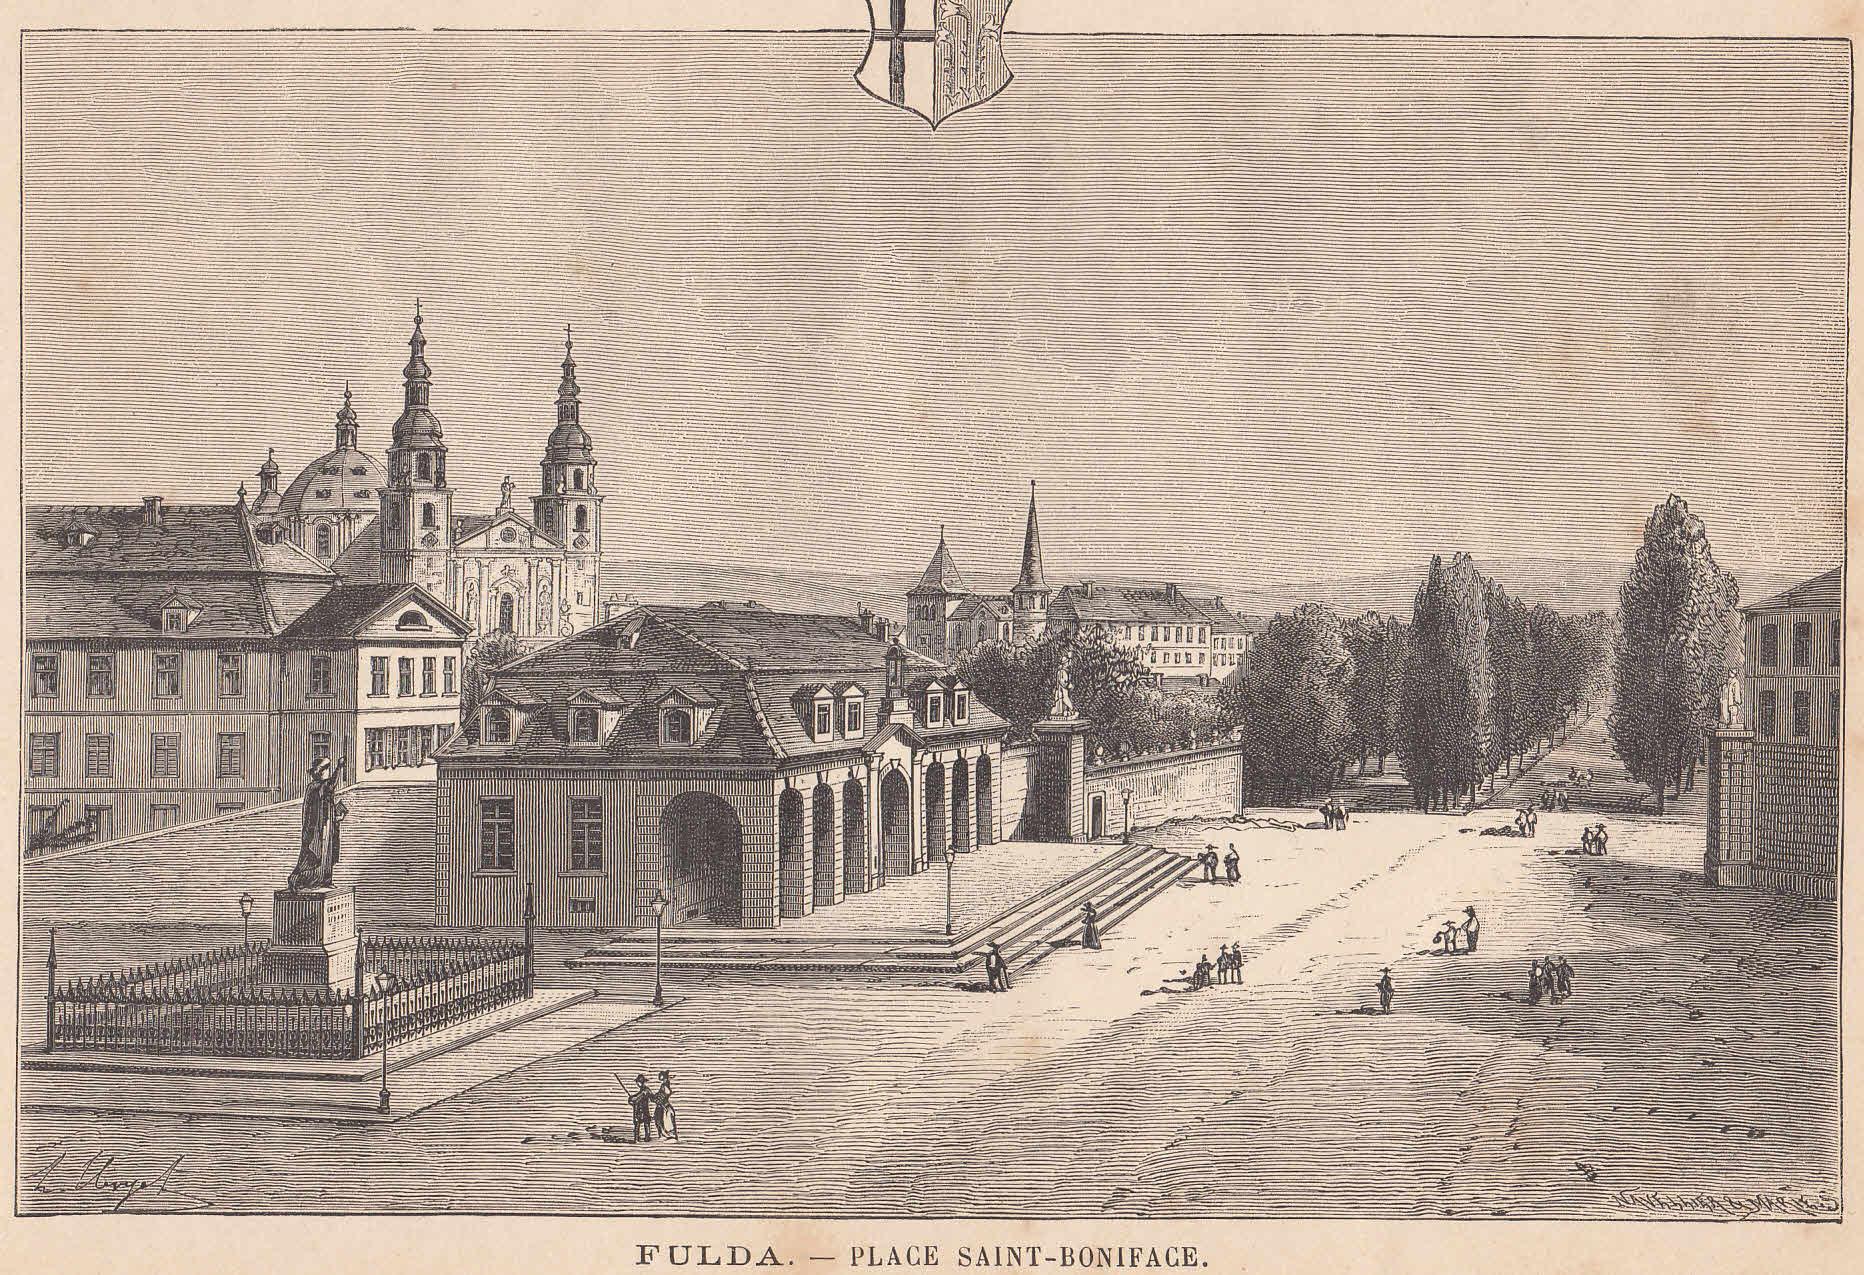 Der Bonifaziusplatz in Fulda. Schöne Ansicht.: Fulda,